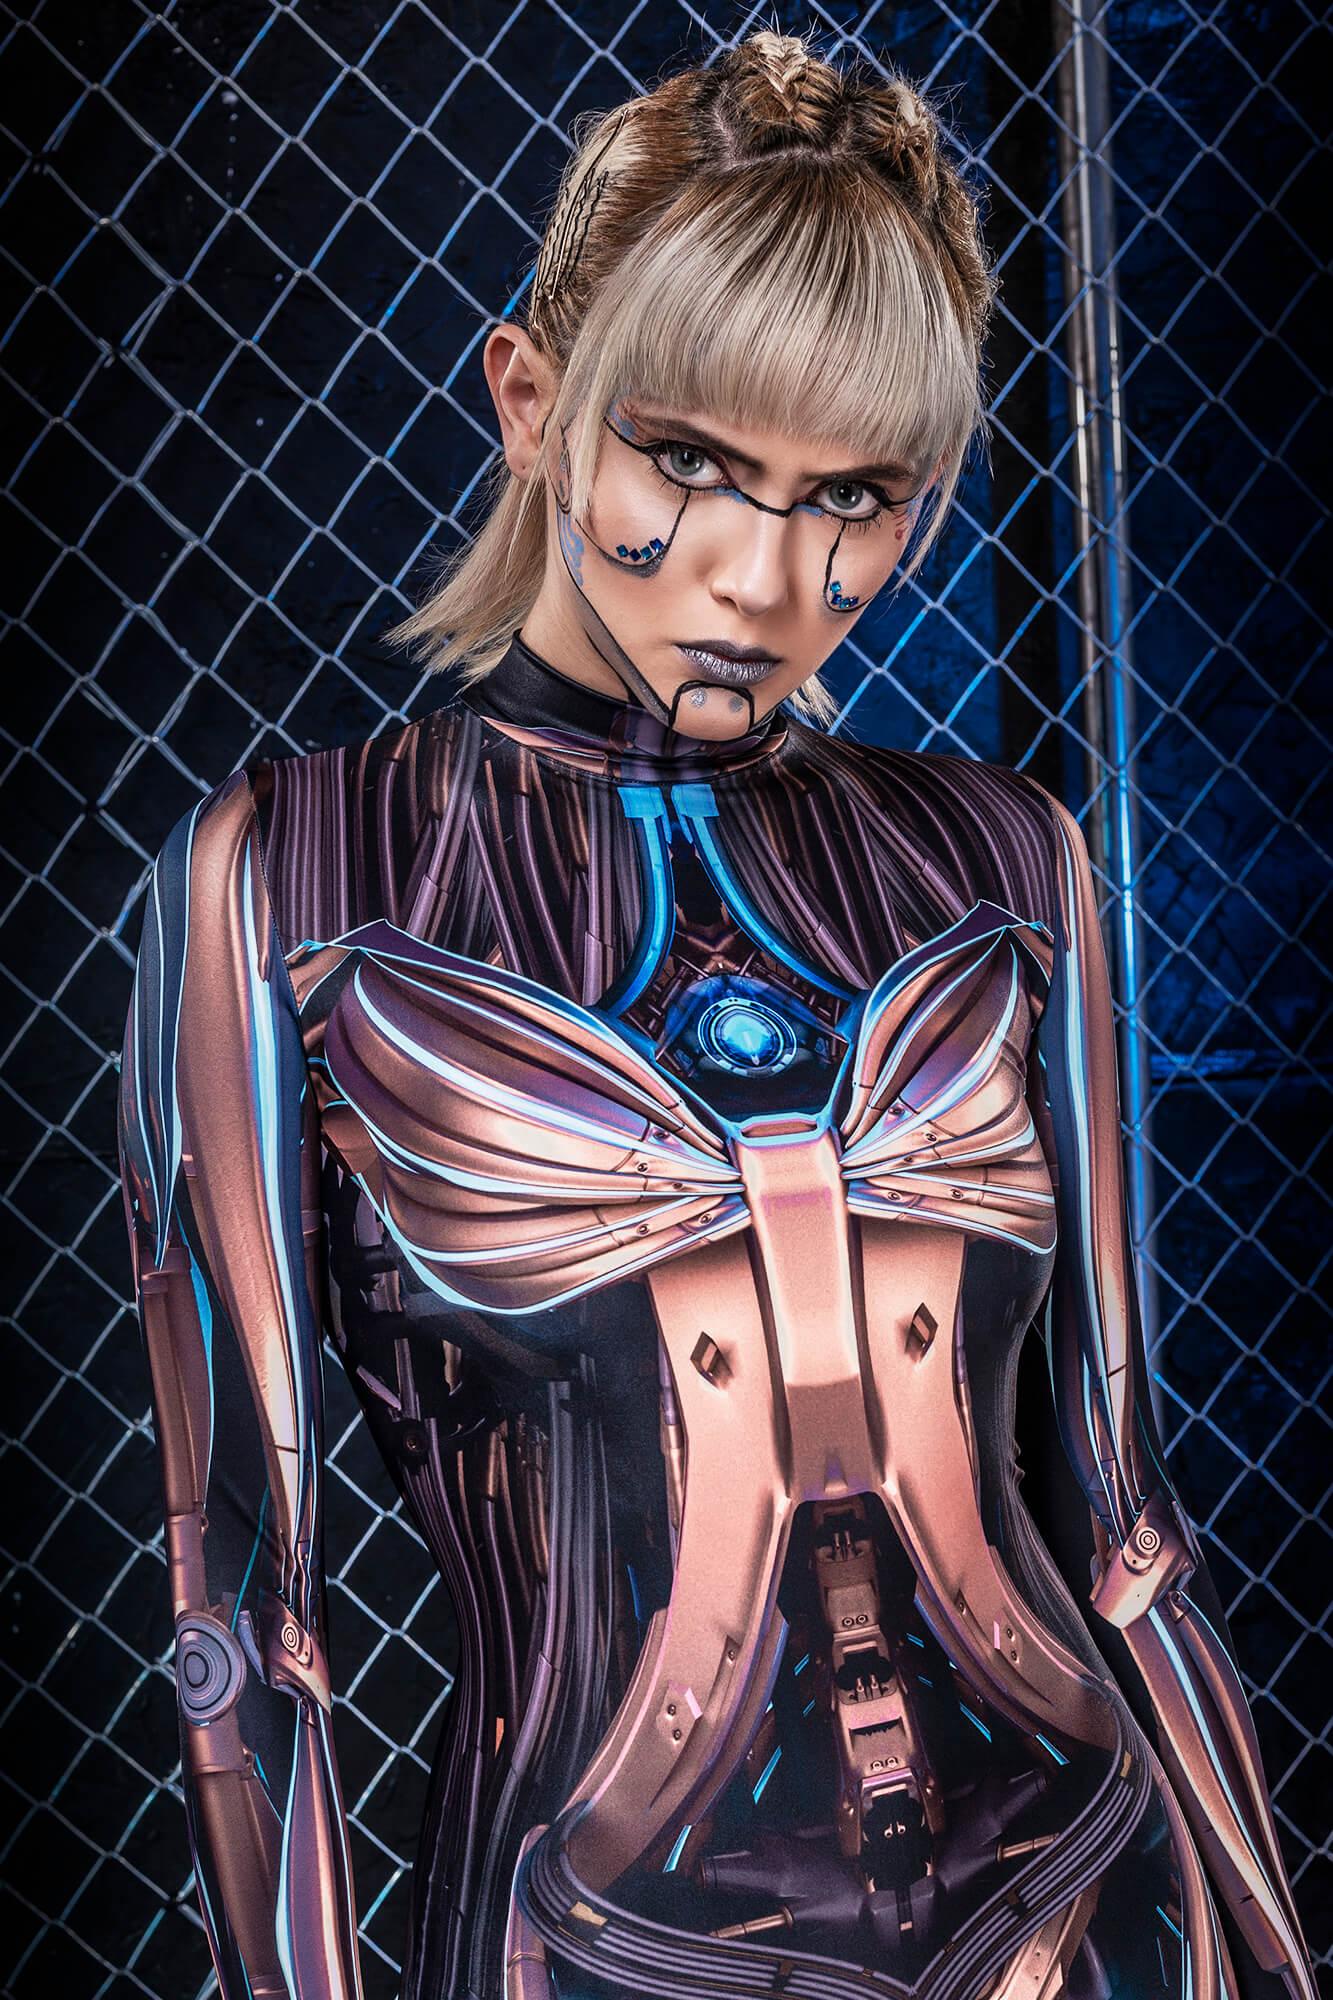 Robot Halloween Costumes Women - Sexy Woman Halloween Costumes 2019 - Glow in the Dark Bodysuit